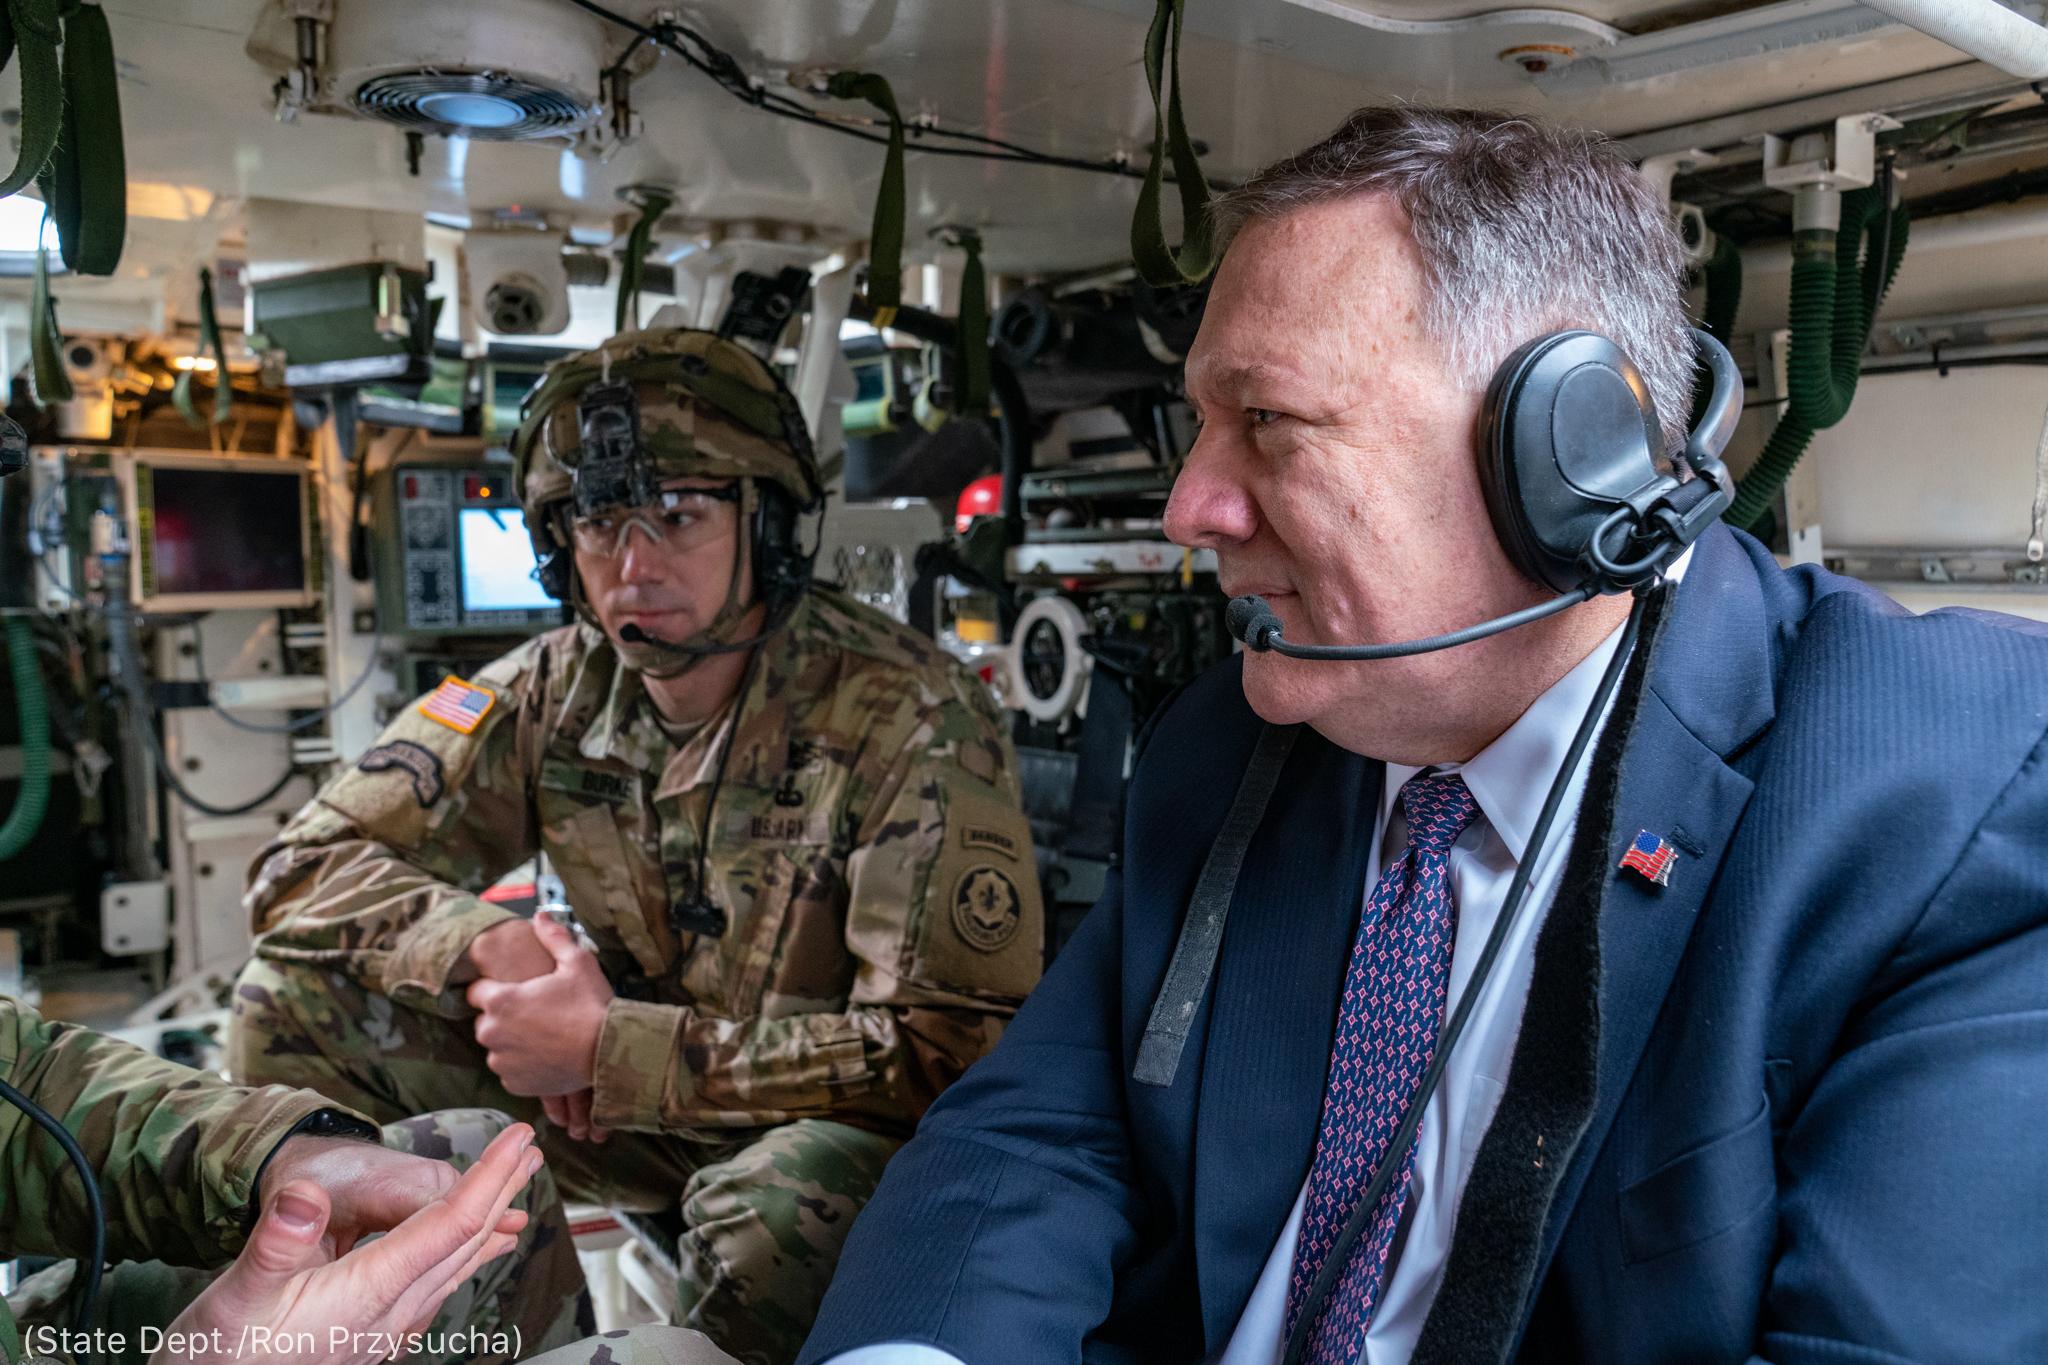 Secretário Pompeo usando fones de ouvido e sentado com pessoas em uniformes militares (Depto. de Estado/Ron Przysucha)